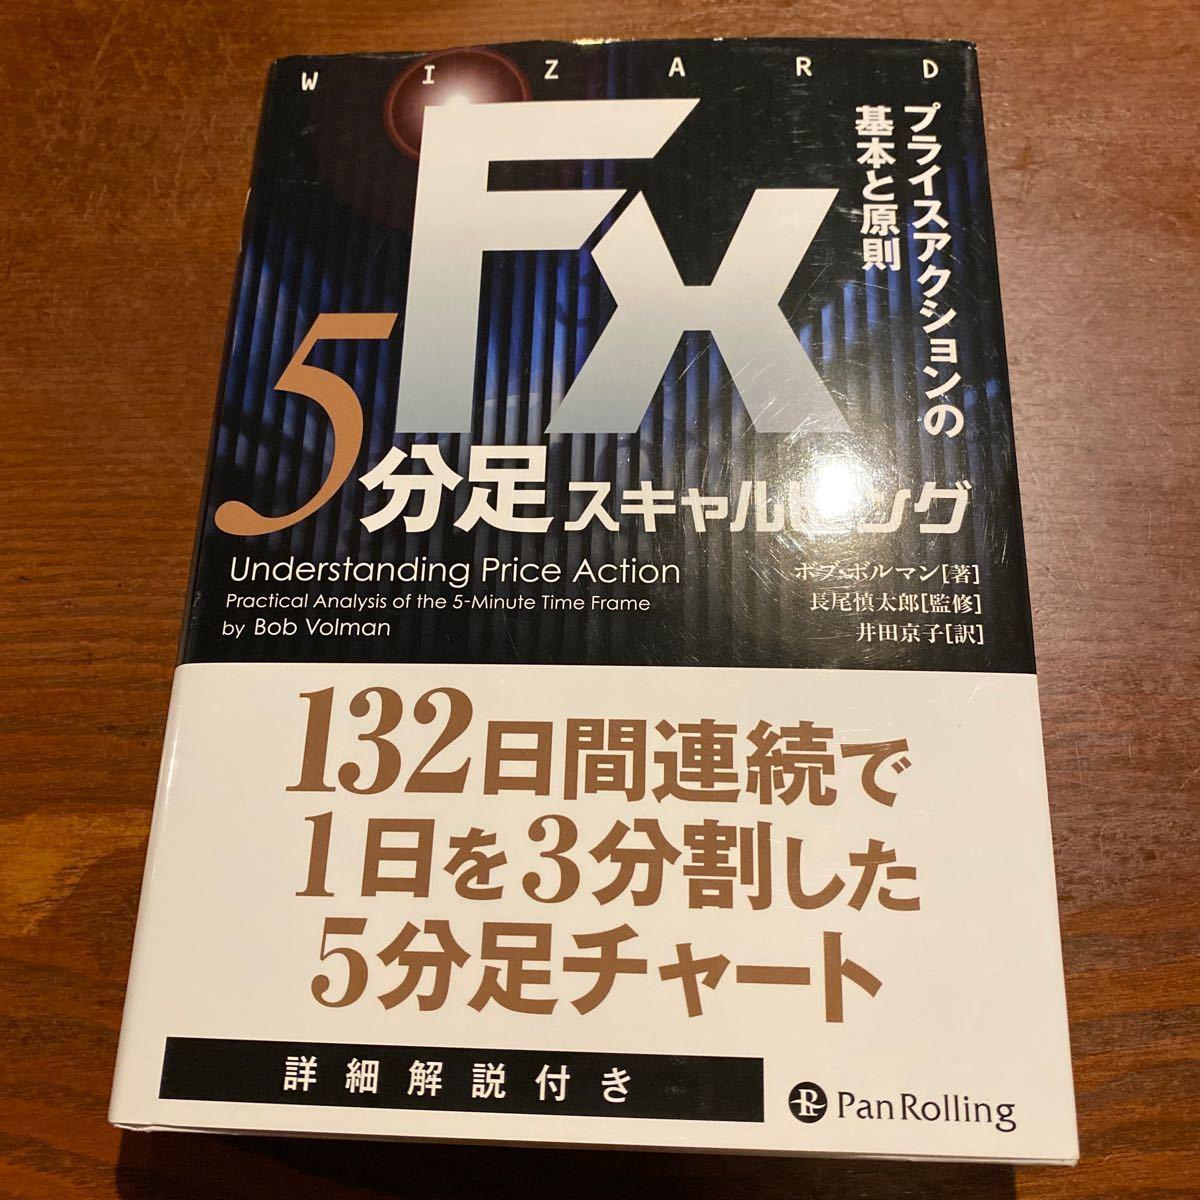 FX5分足スキャルピング プライスアクションの基本と原則/ボブボルマン/長尾慎太郎/井田京子